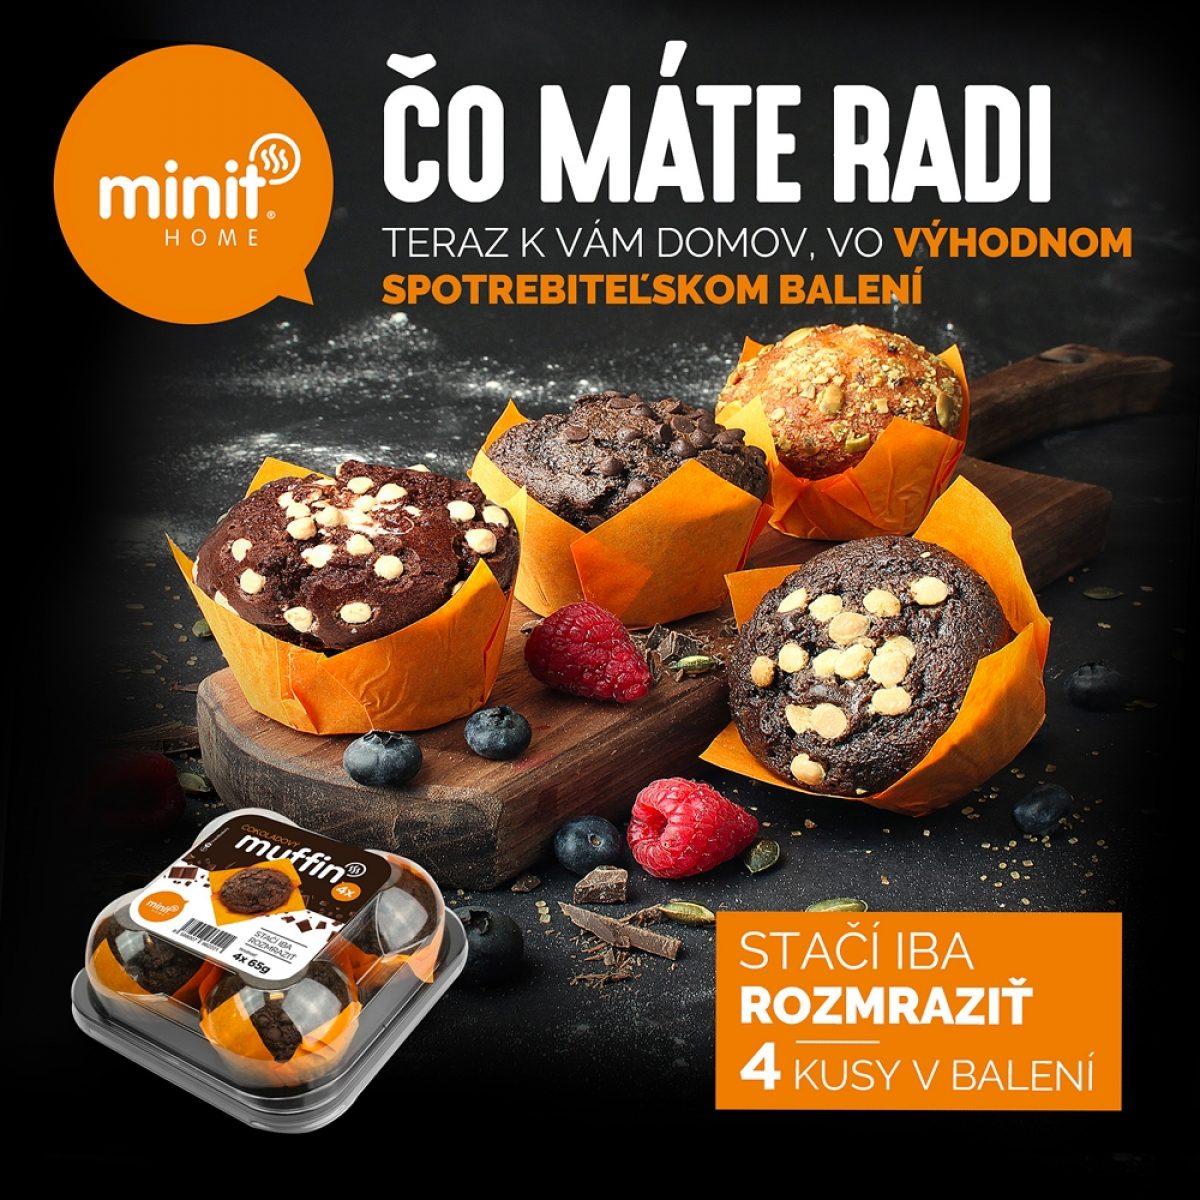 Muffin spotr FB